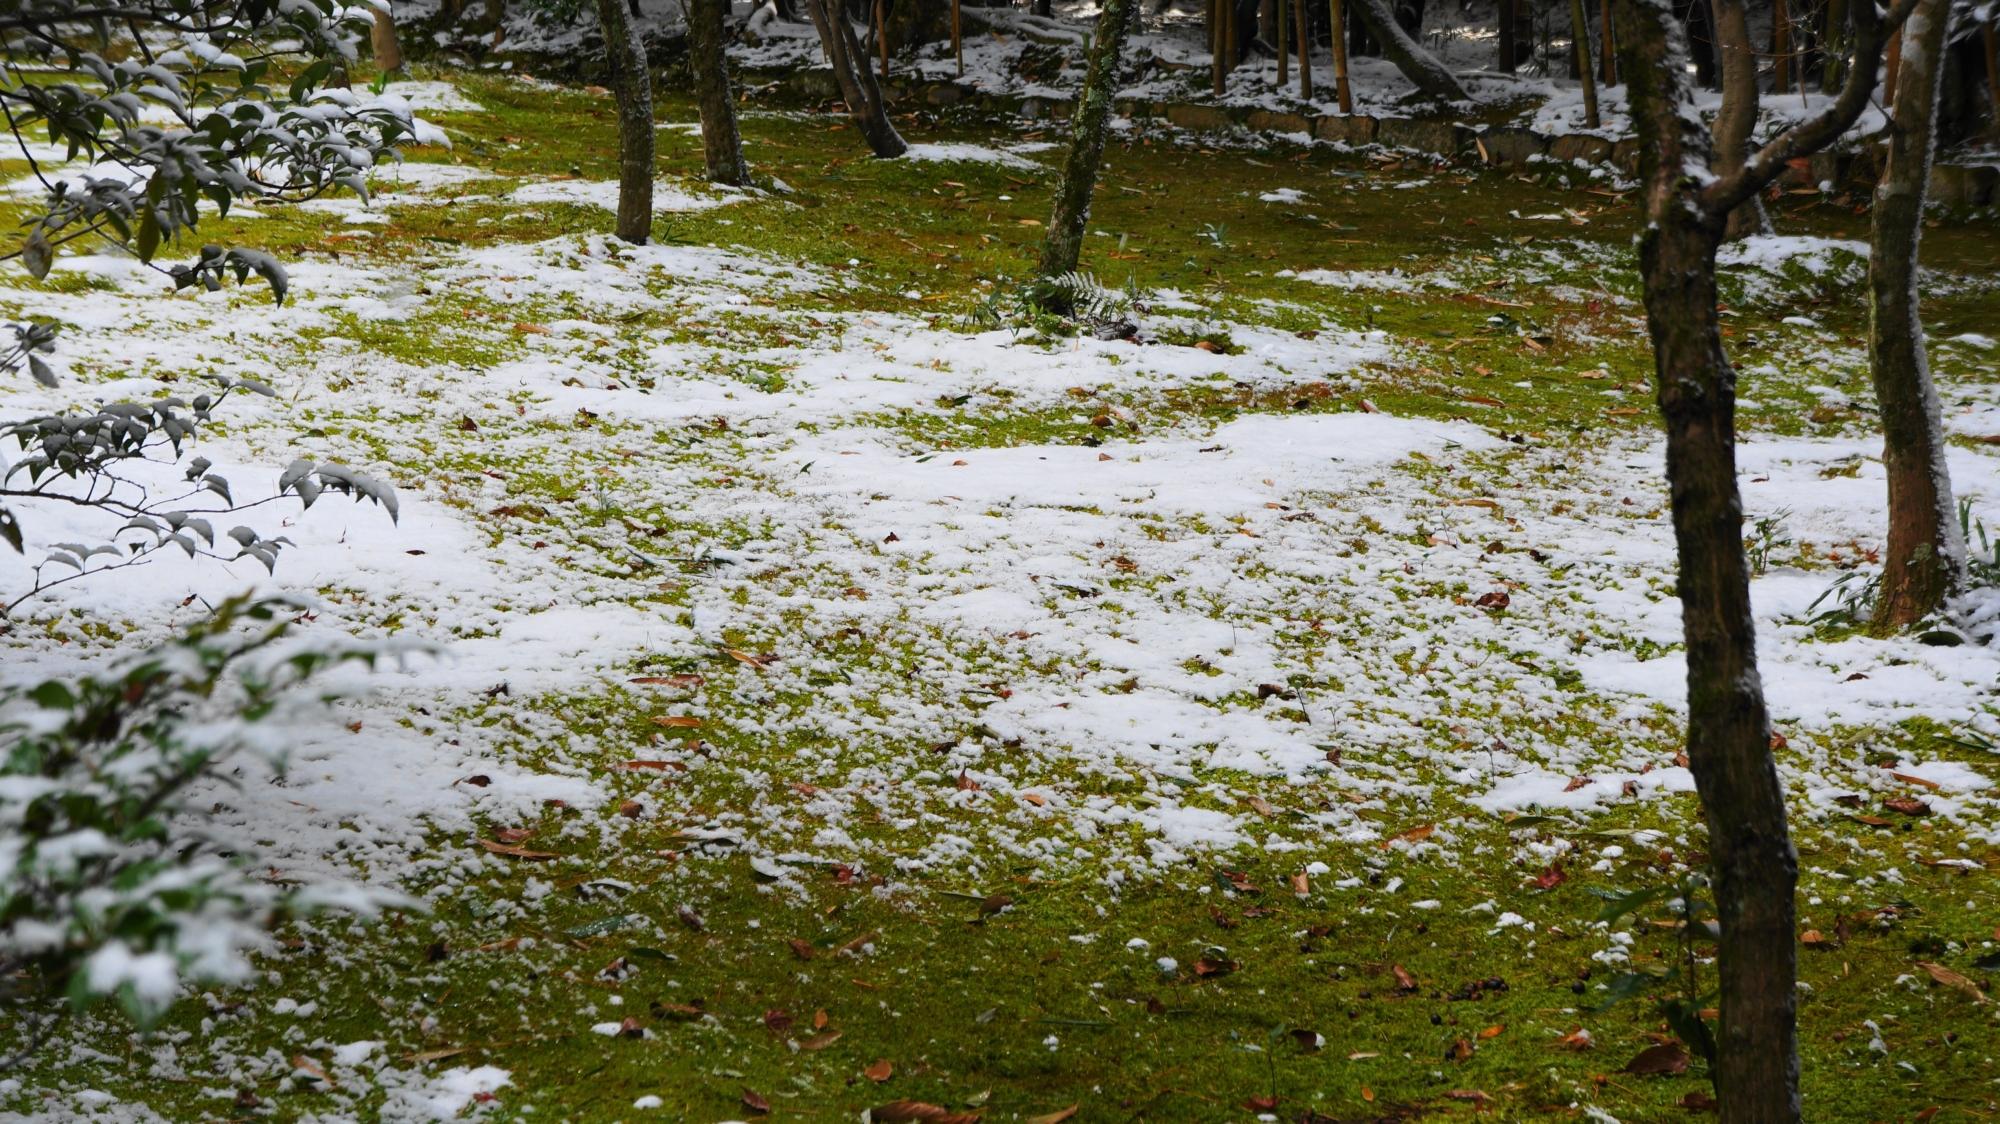 綺麗な苔の緑と雪の白のコントラスト